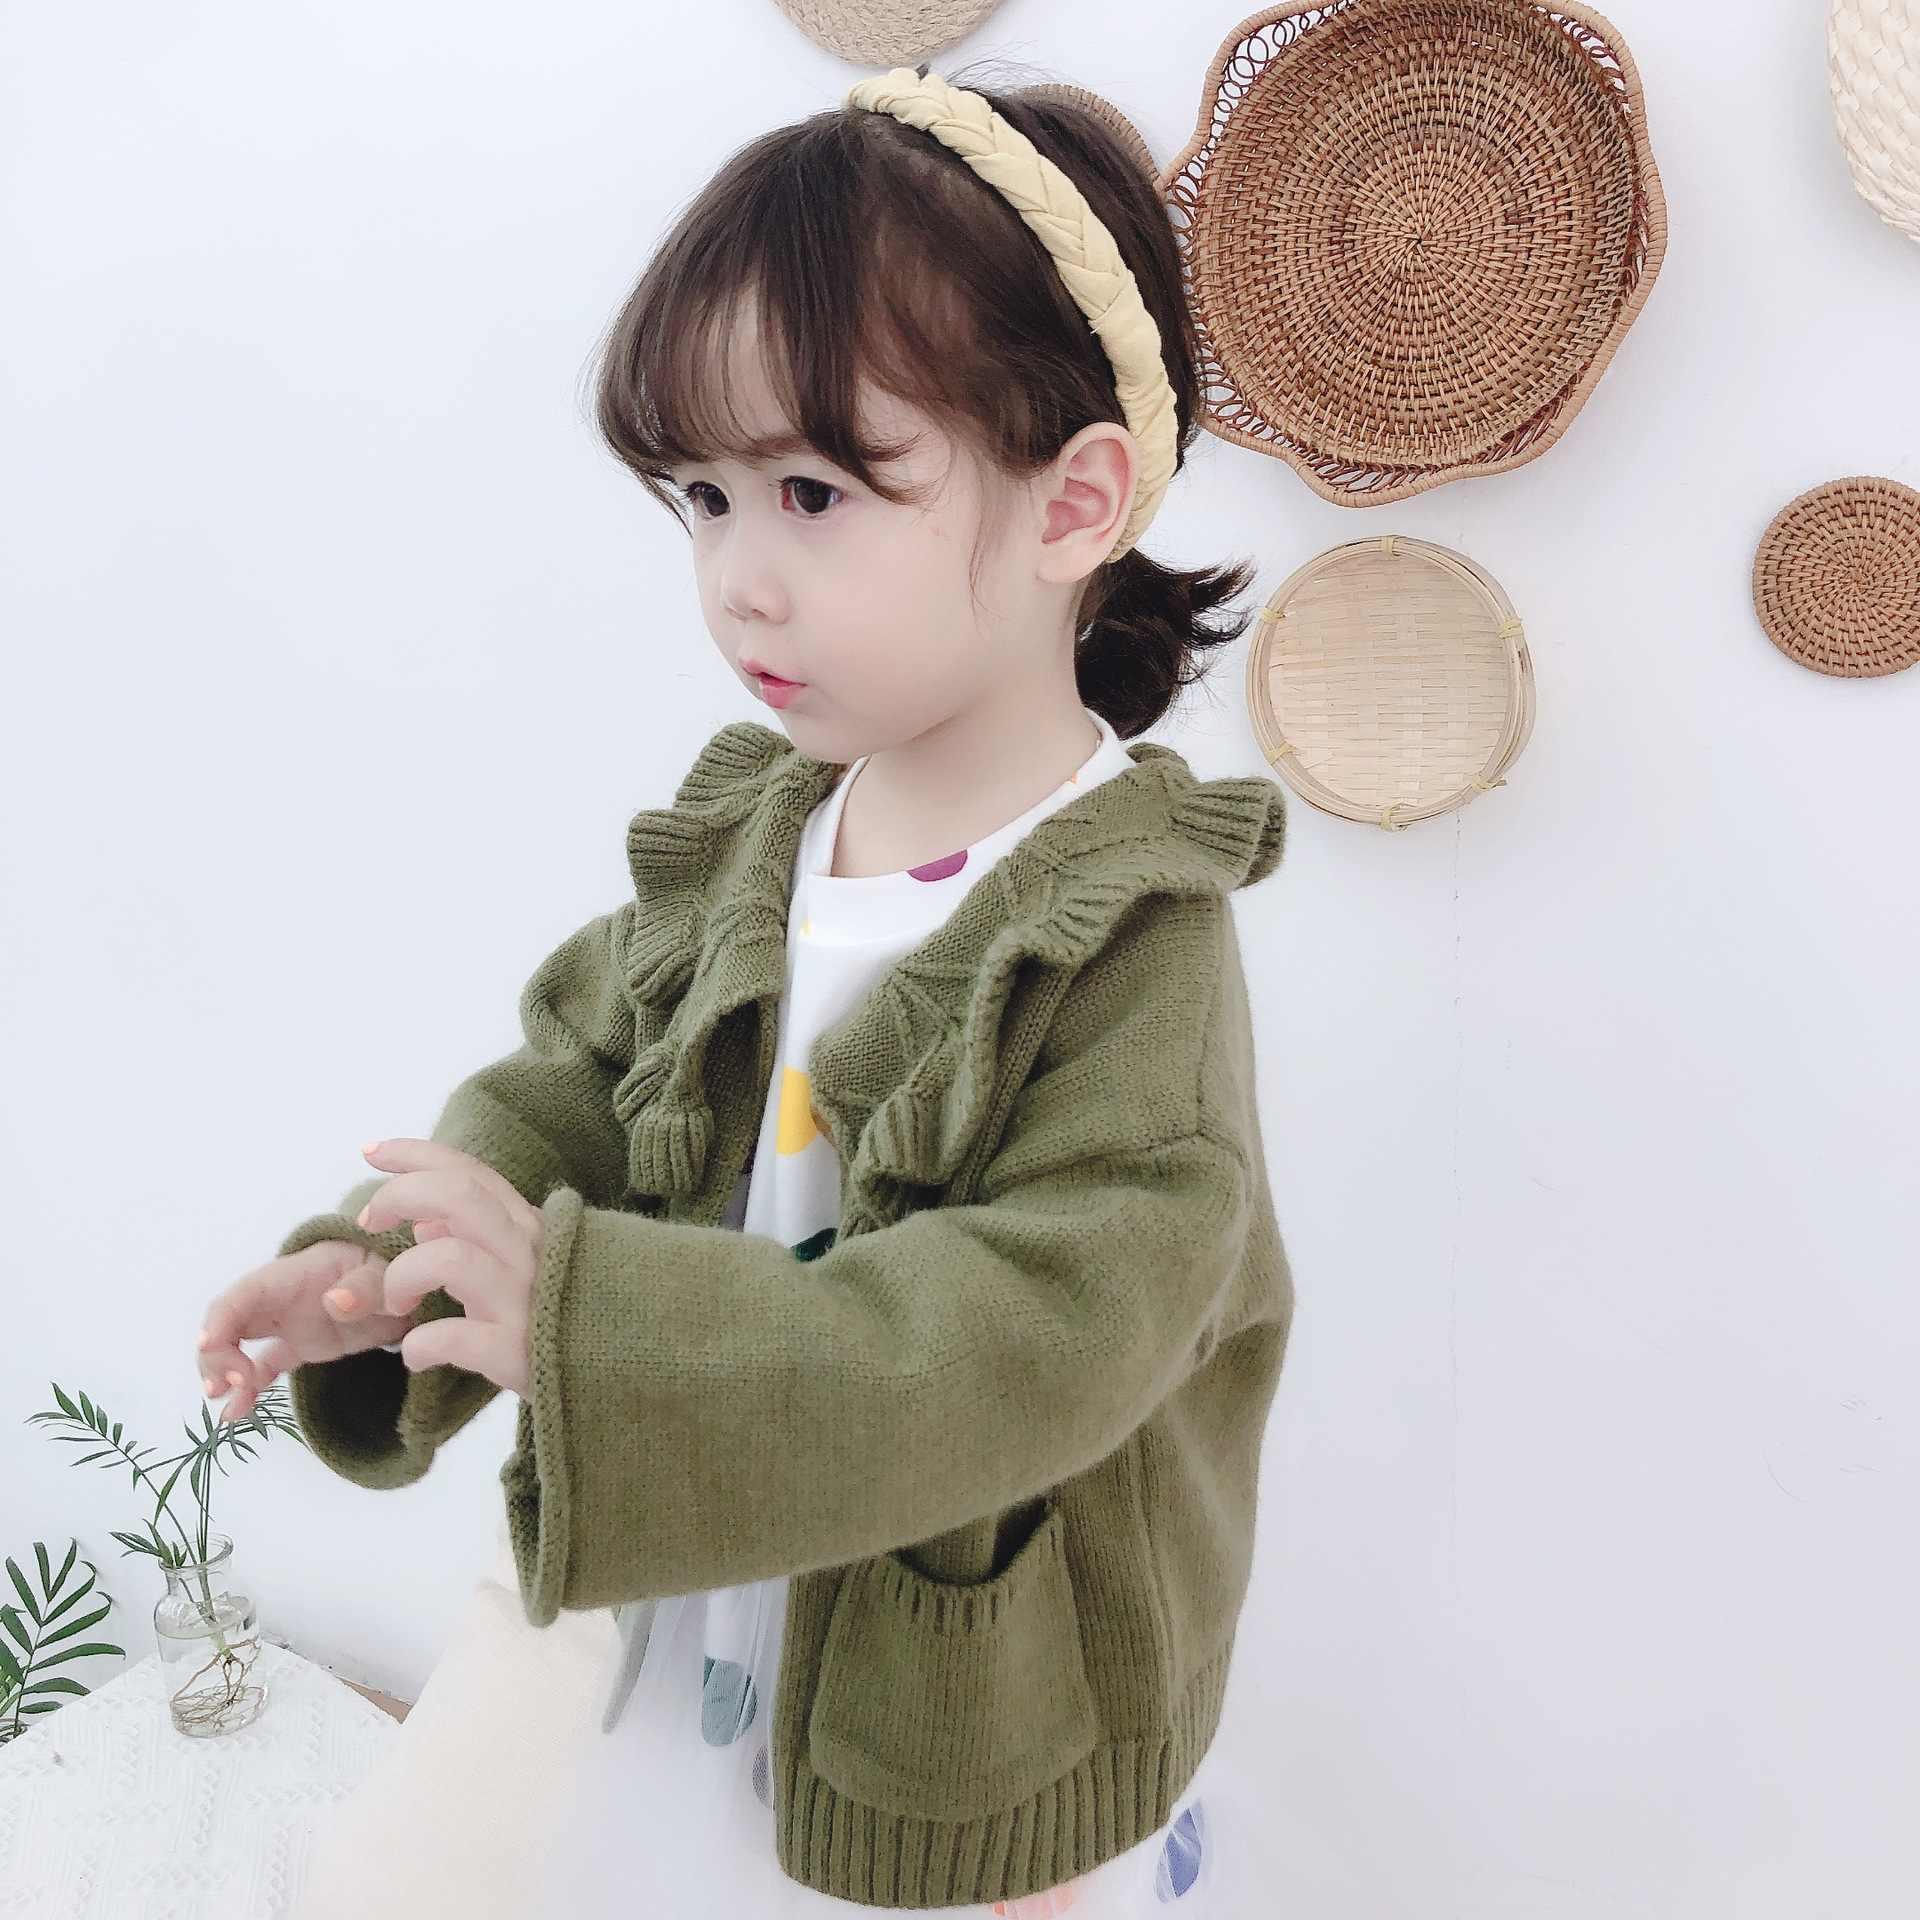 Phong cách Hàn Quốc bé gái thời trang GỌNG lớn cổ bẻ Áo Len cardigan trẻ em 2 màu lỏng lẻo Áo len sợi dệt kim áo khoác